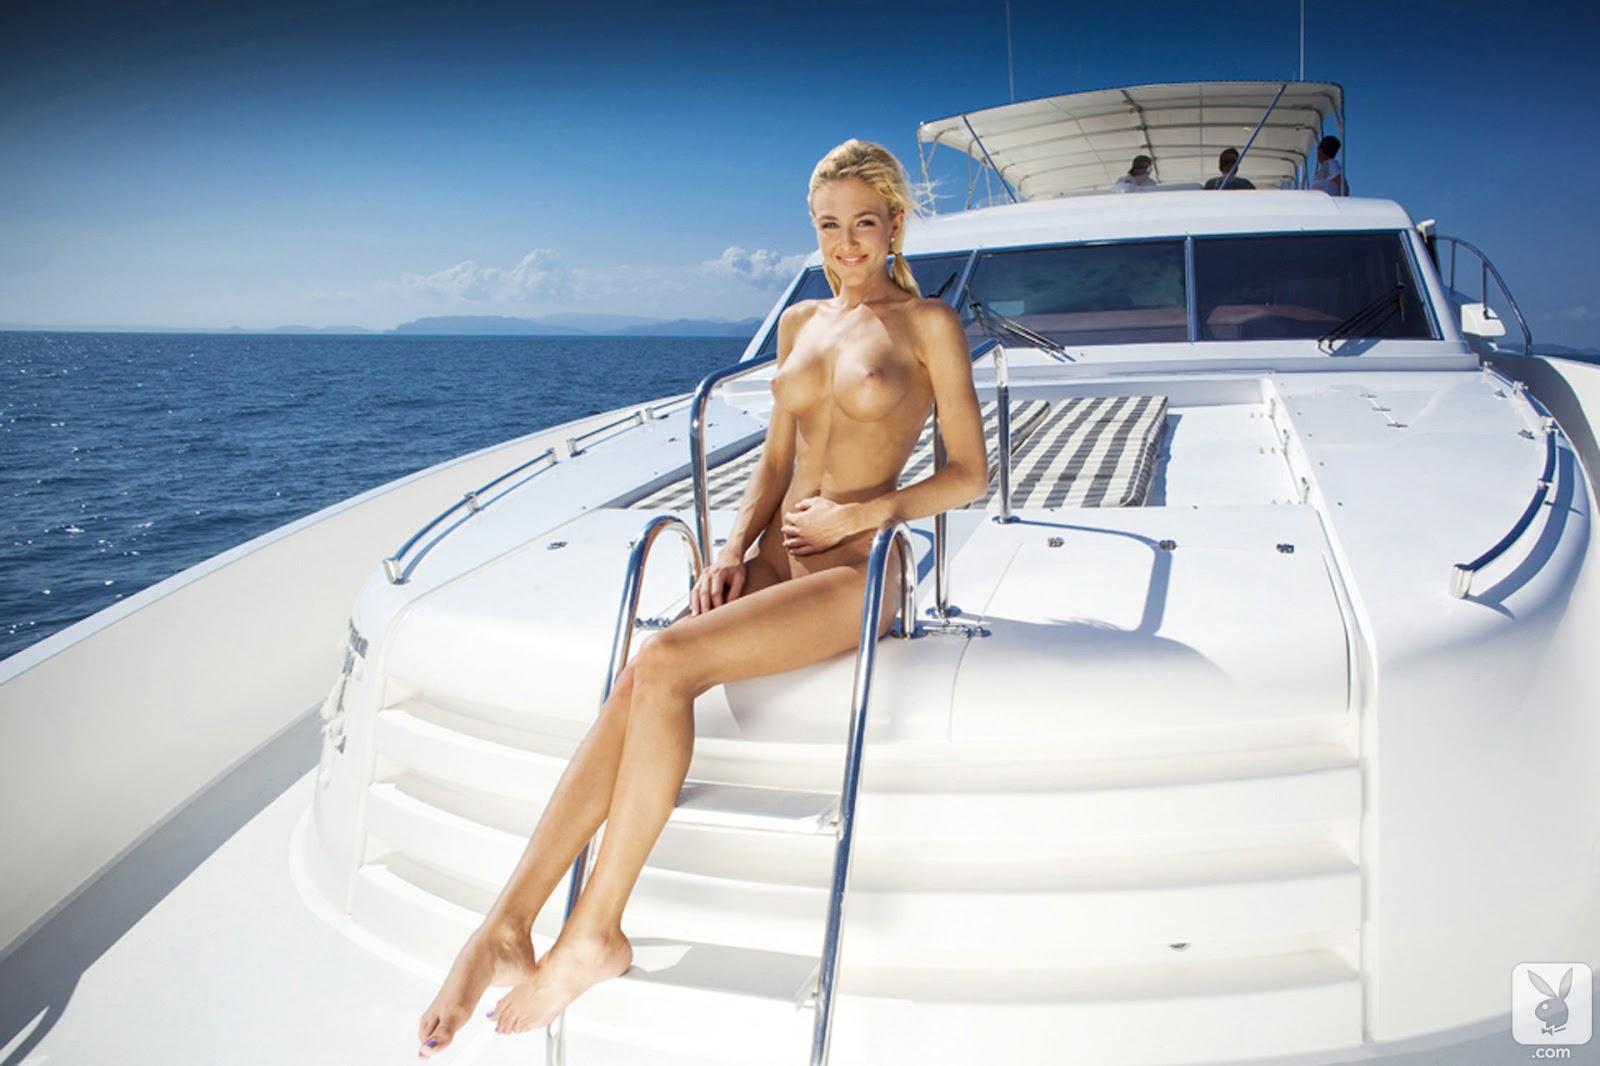 blondinka-na-yahte-porno